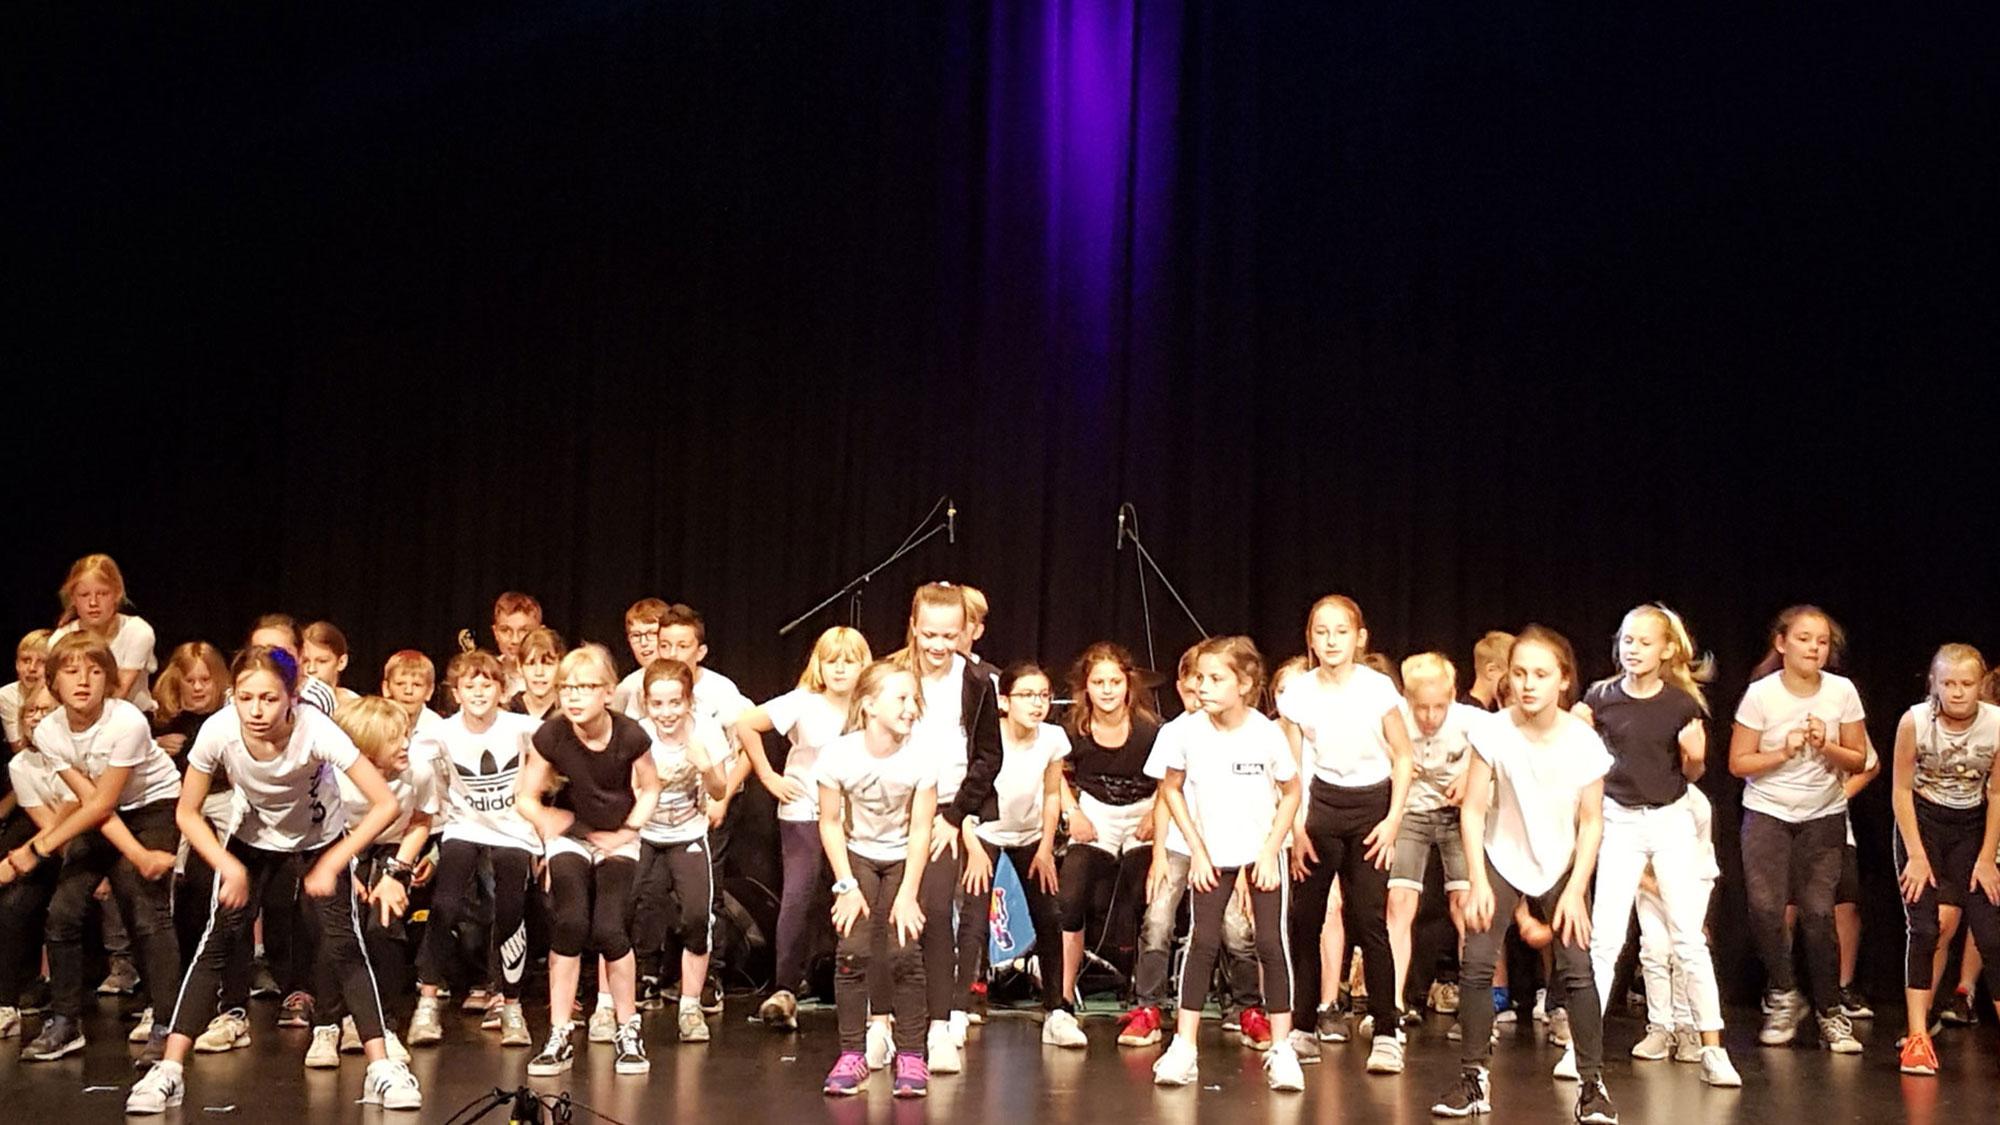 Die beiden vierten Klassen der Johann-Peter-Melchior-Schule zeigten ihren Tanz, den sie im Rahmen des Kulturstrolche-Projektes einstudiert hatten. (Foto:Stadt Ratingen)